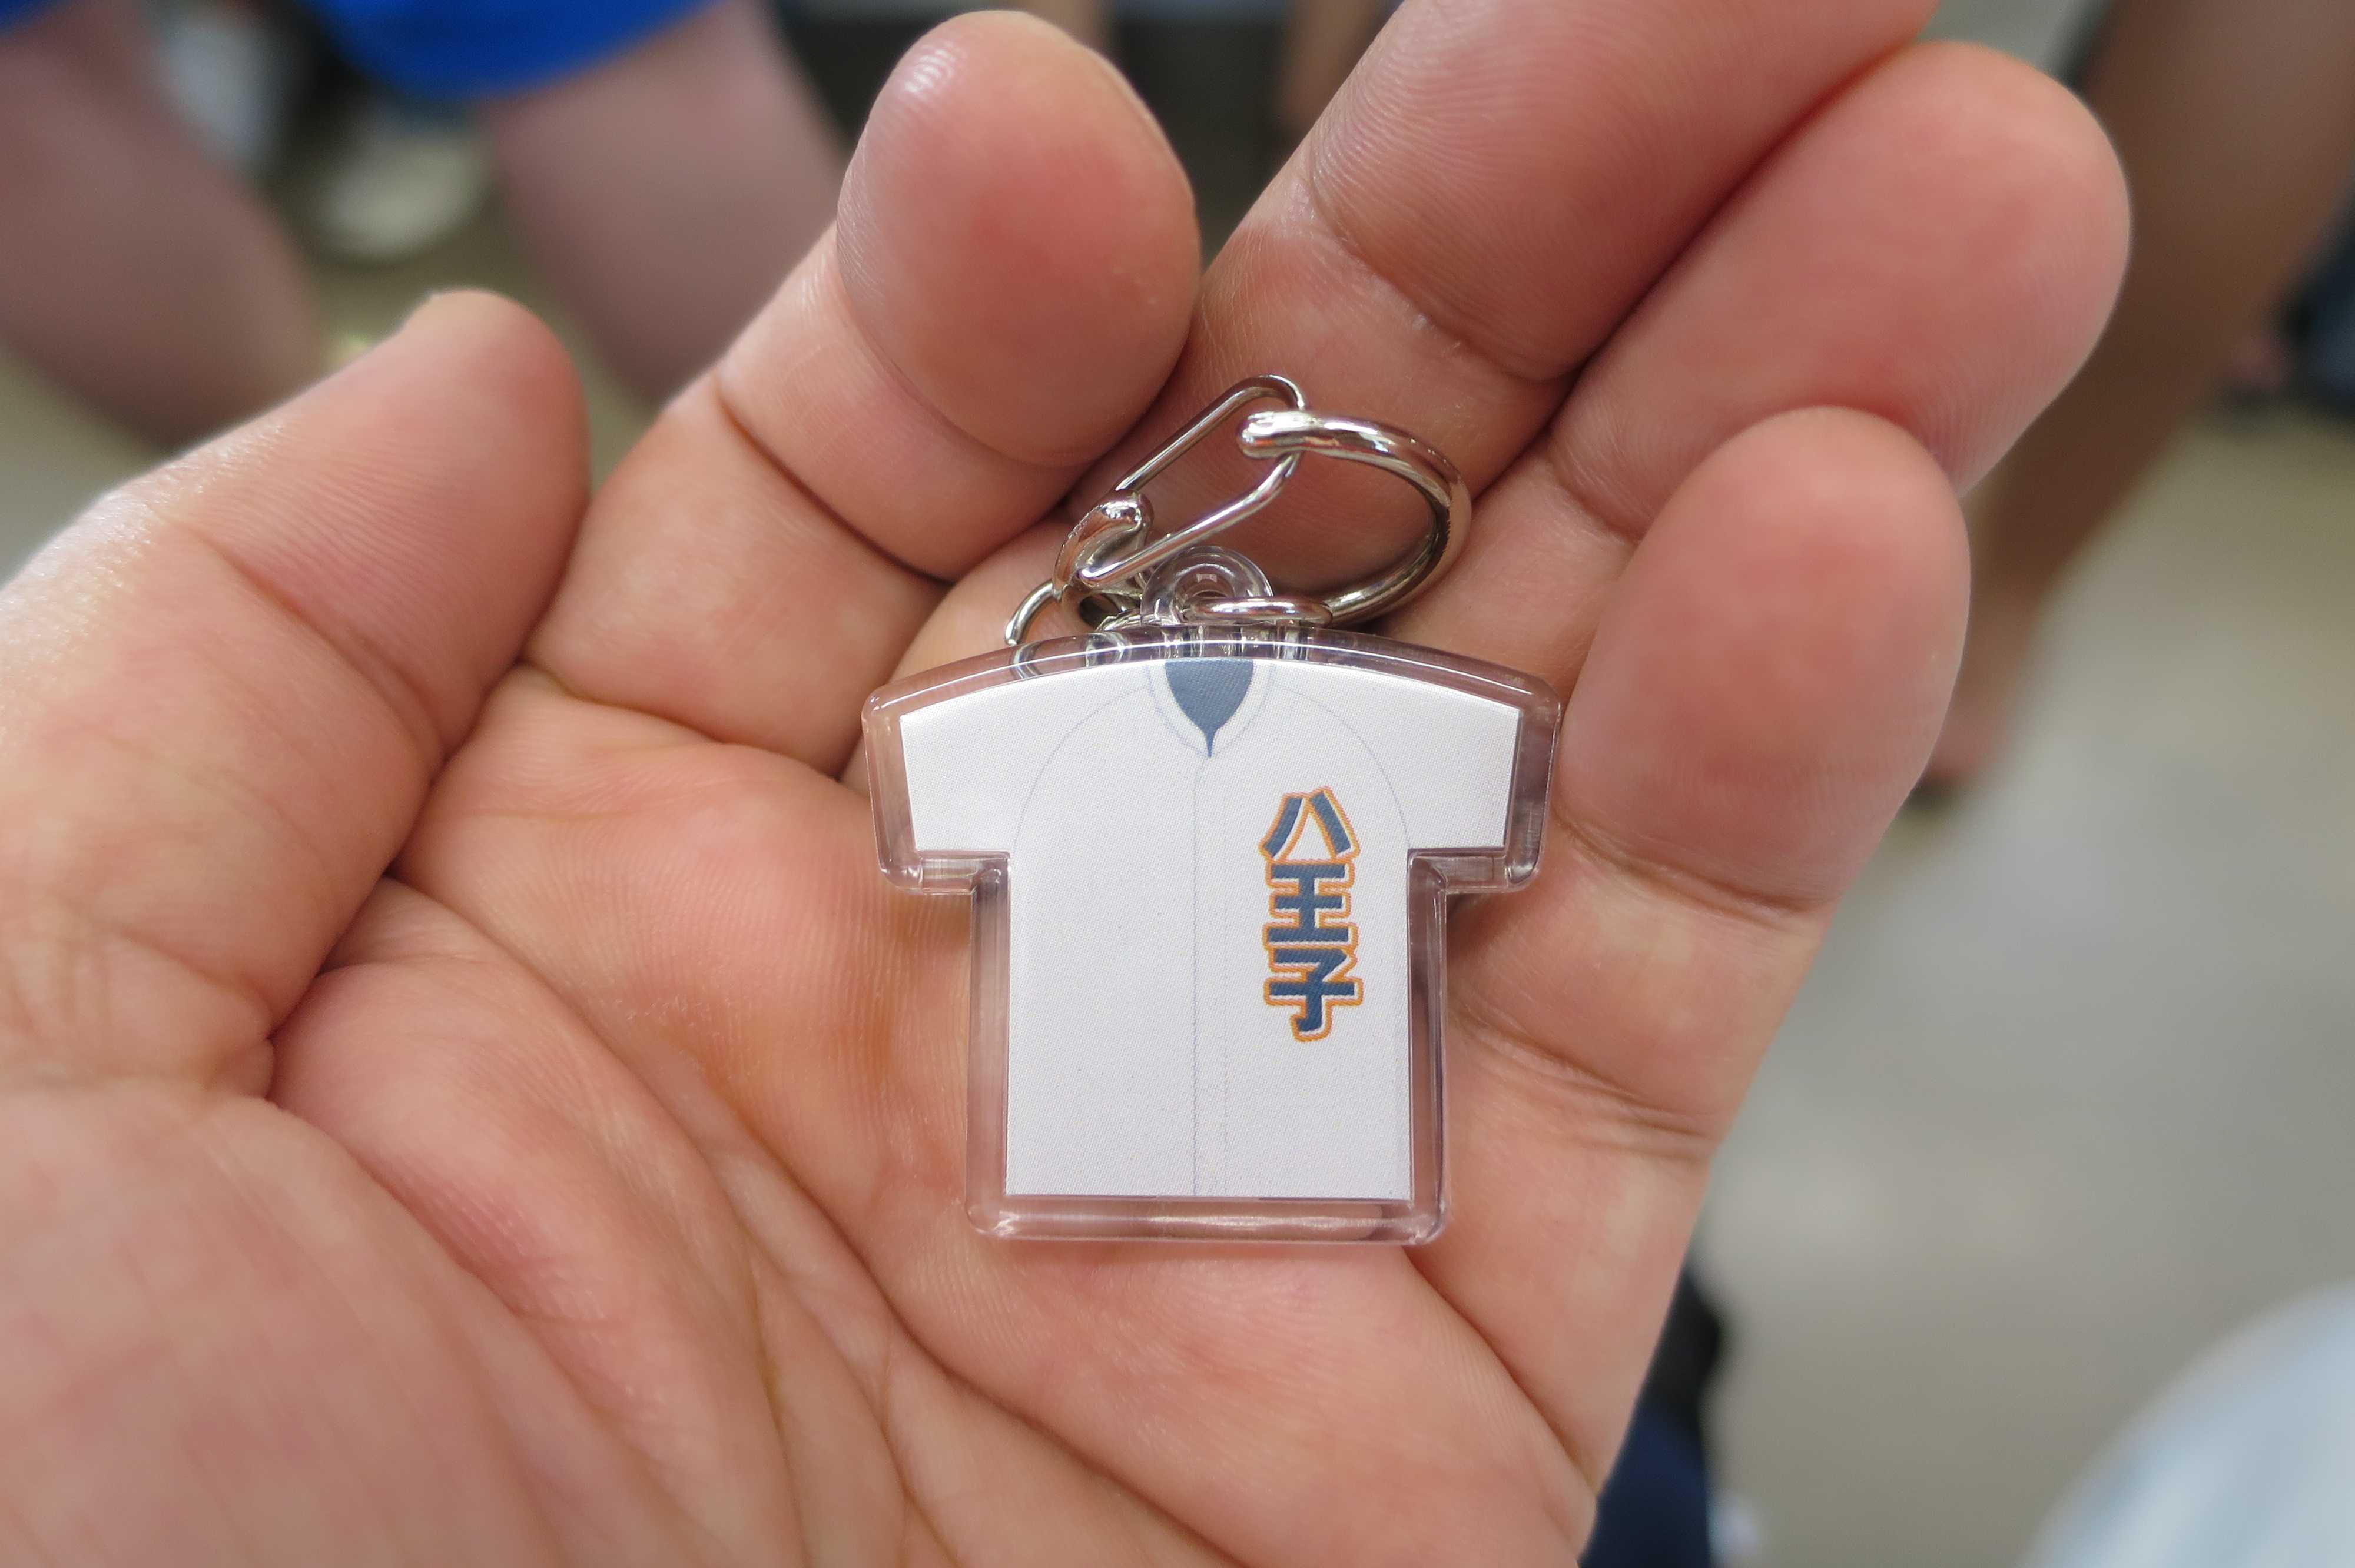 甲子園の高校野球グッズ屋で買った「八学キーホルダー」